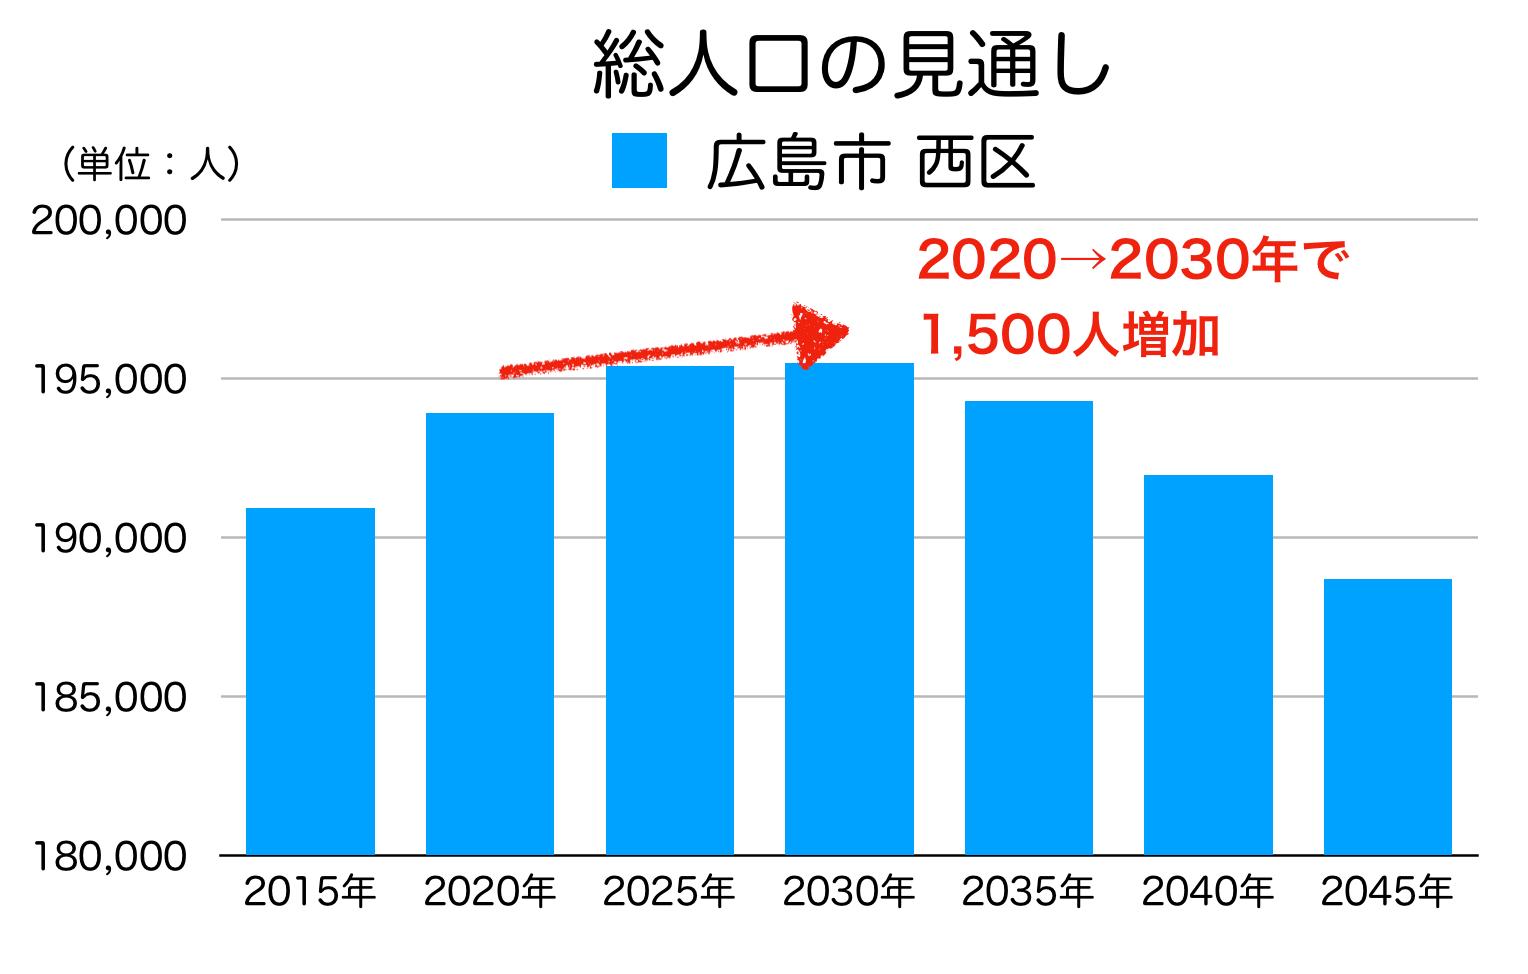 広島市西区の人口予測